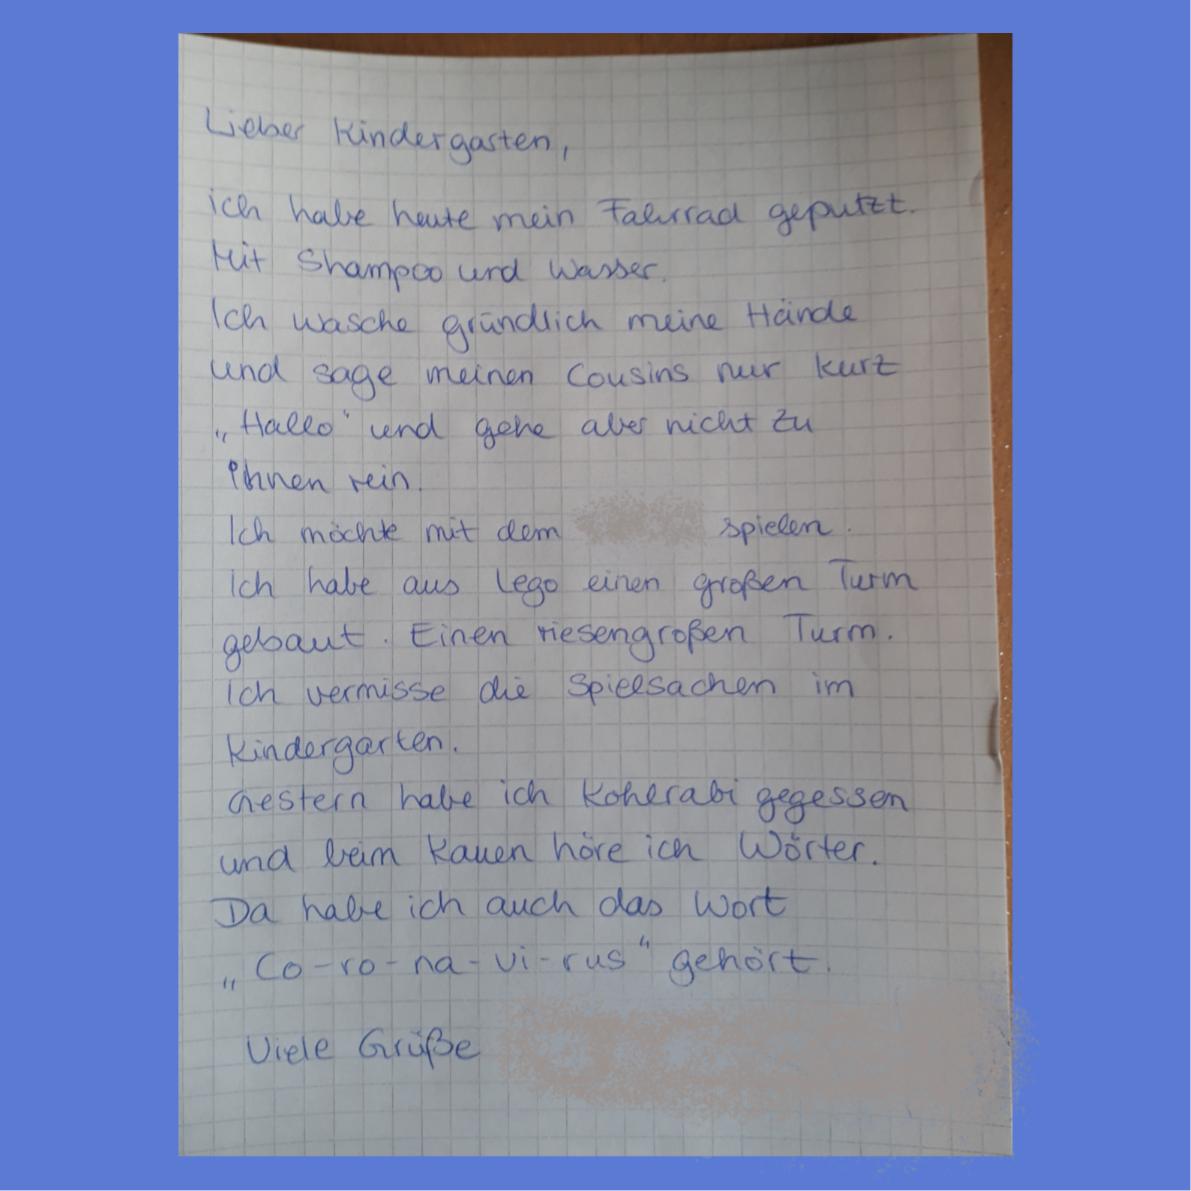 Für abschiedsbrief die kindergarten eine schreibe wie Abschied vom